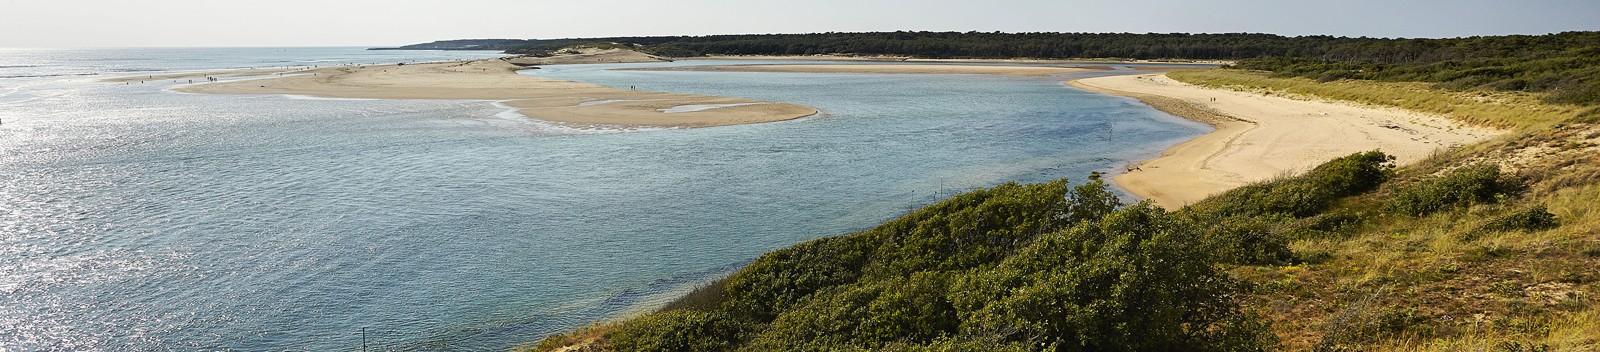 Estuaire du Payré - copyright A. Lamoureux